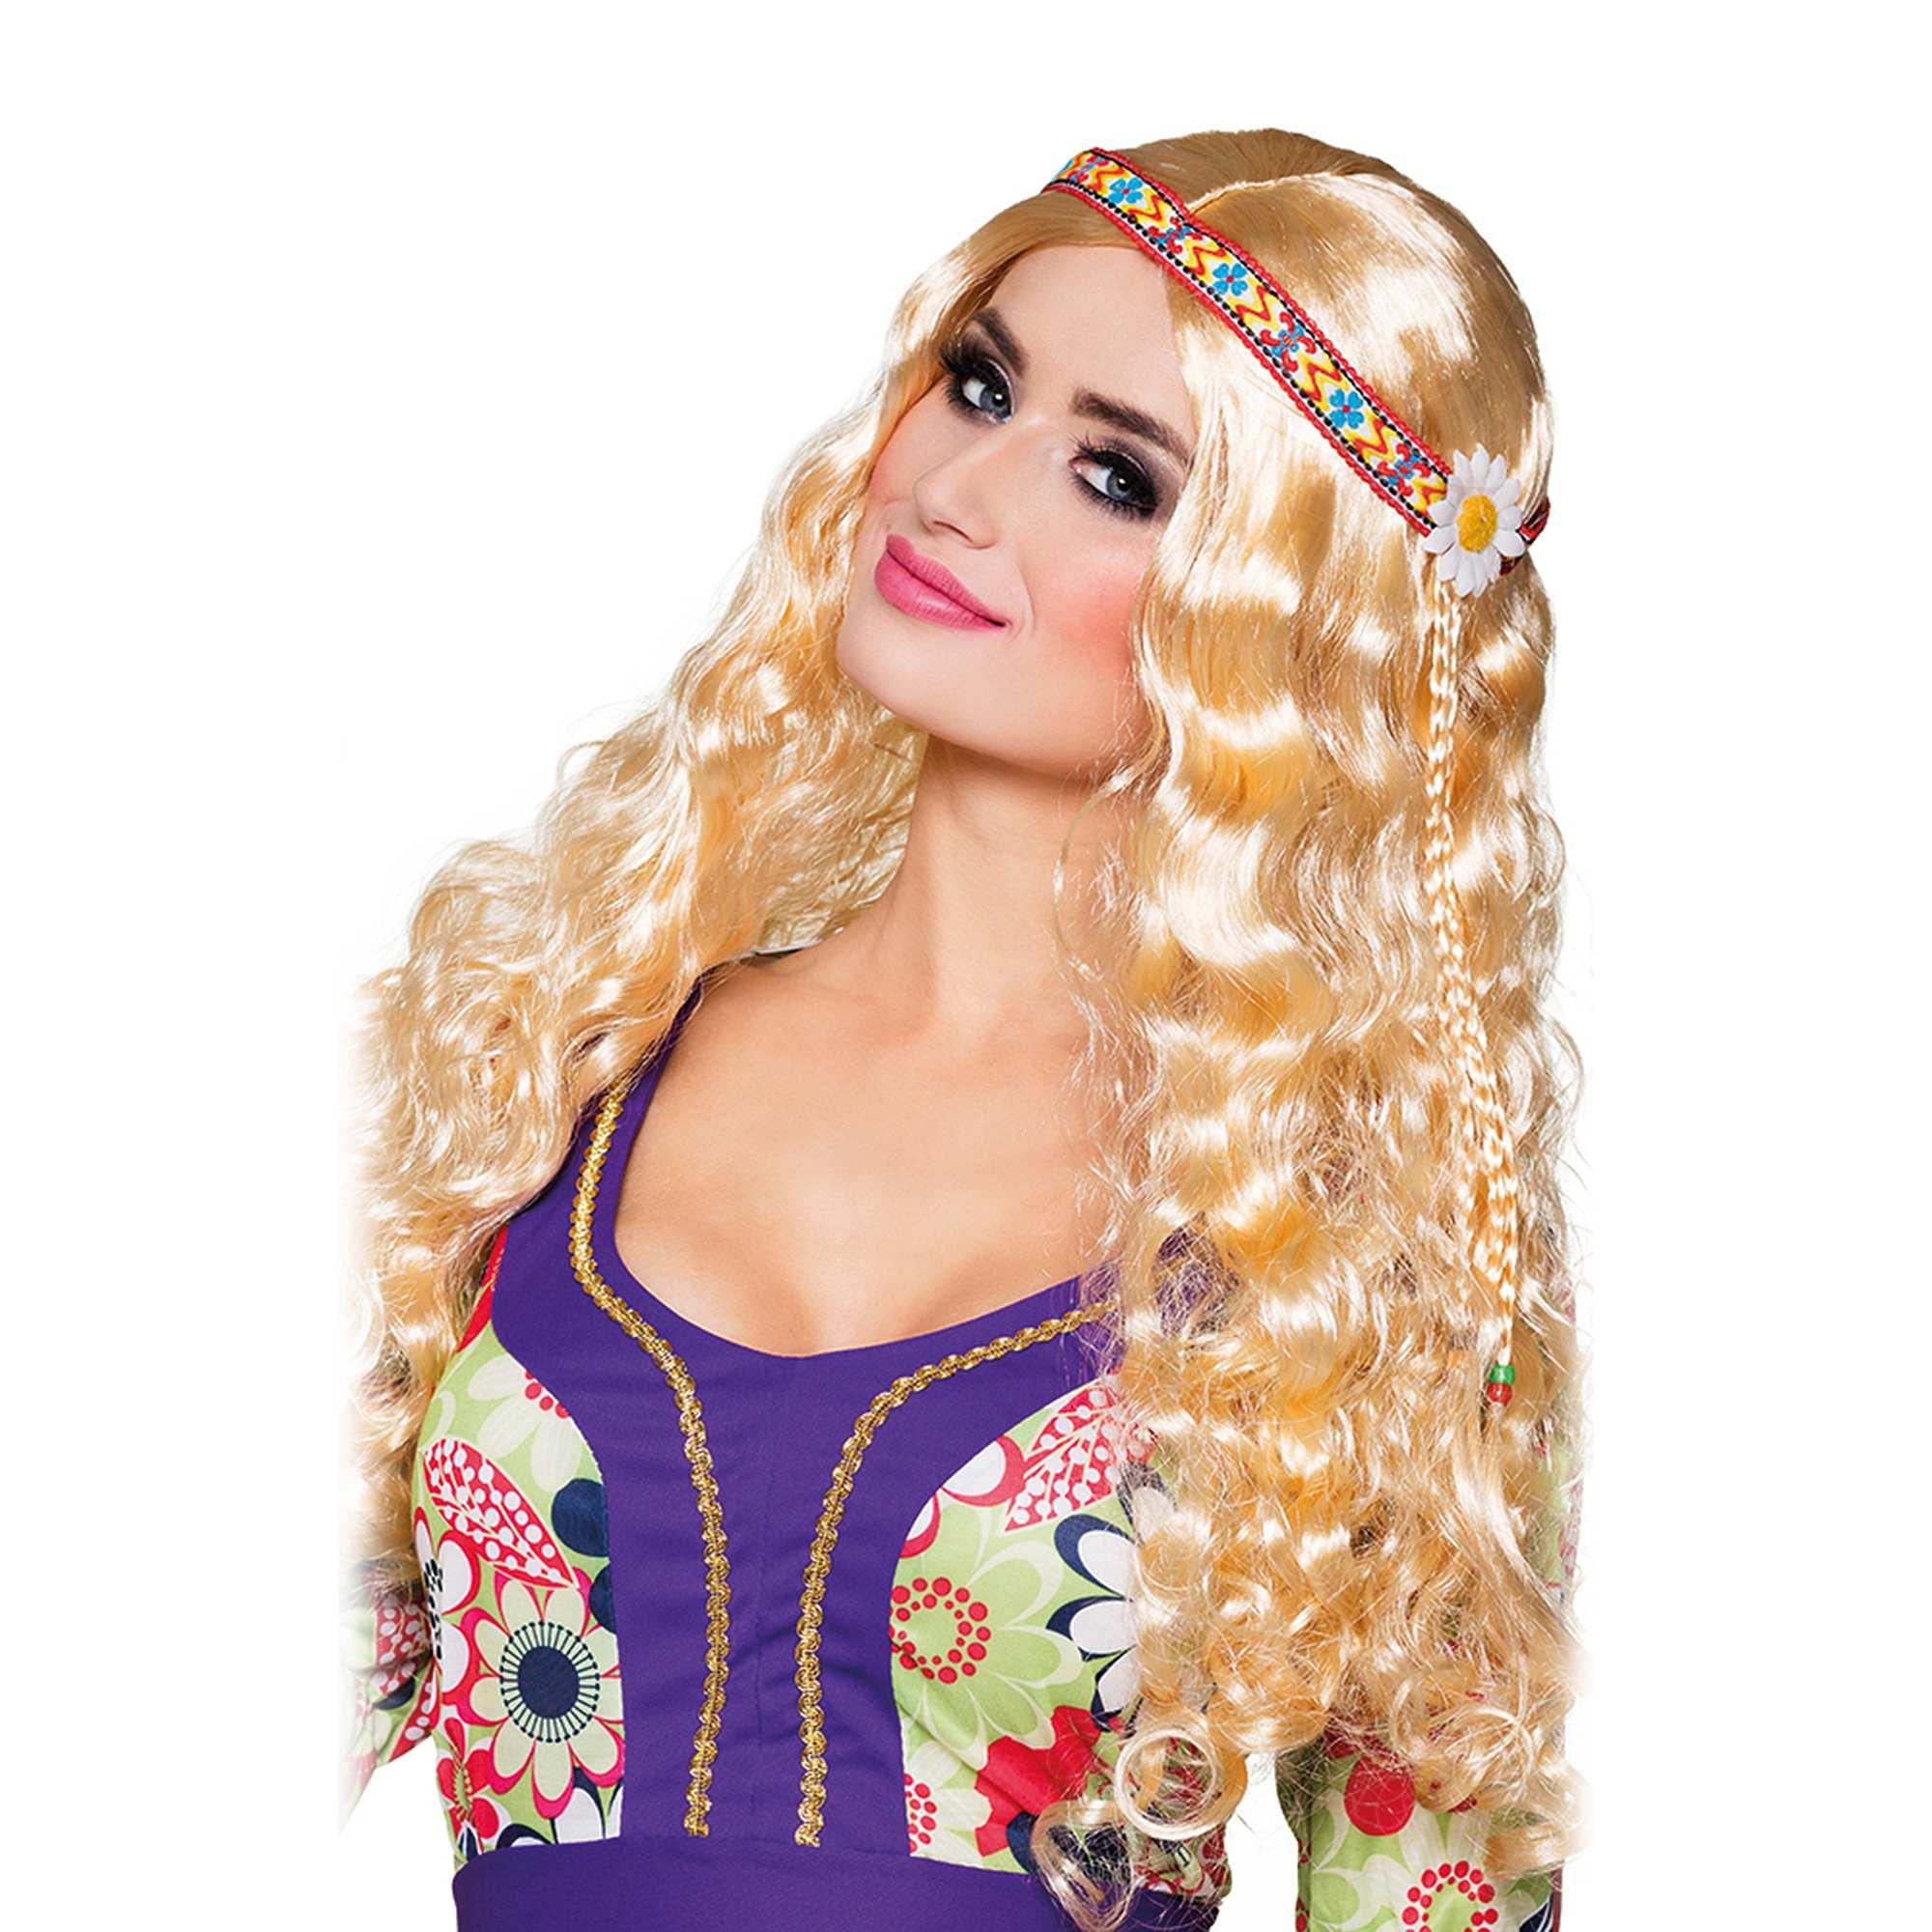 Couleur : blond, , ,, - Taille : TU, , ,,Perruque adulte blonde avec bandeau multicolore.